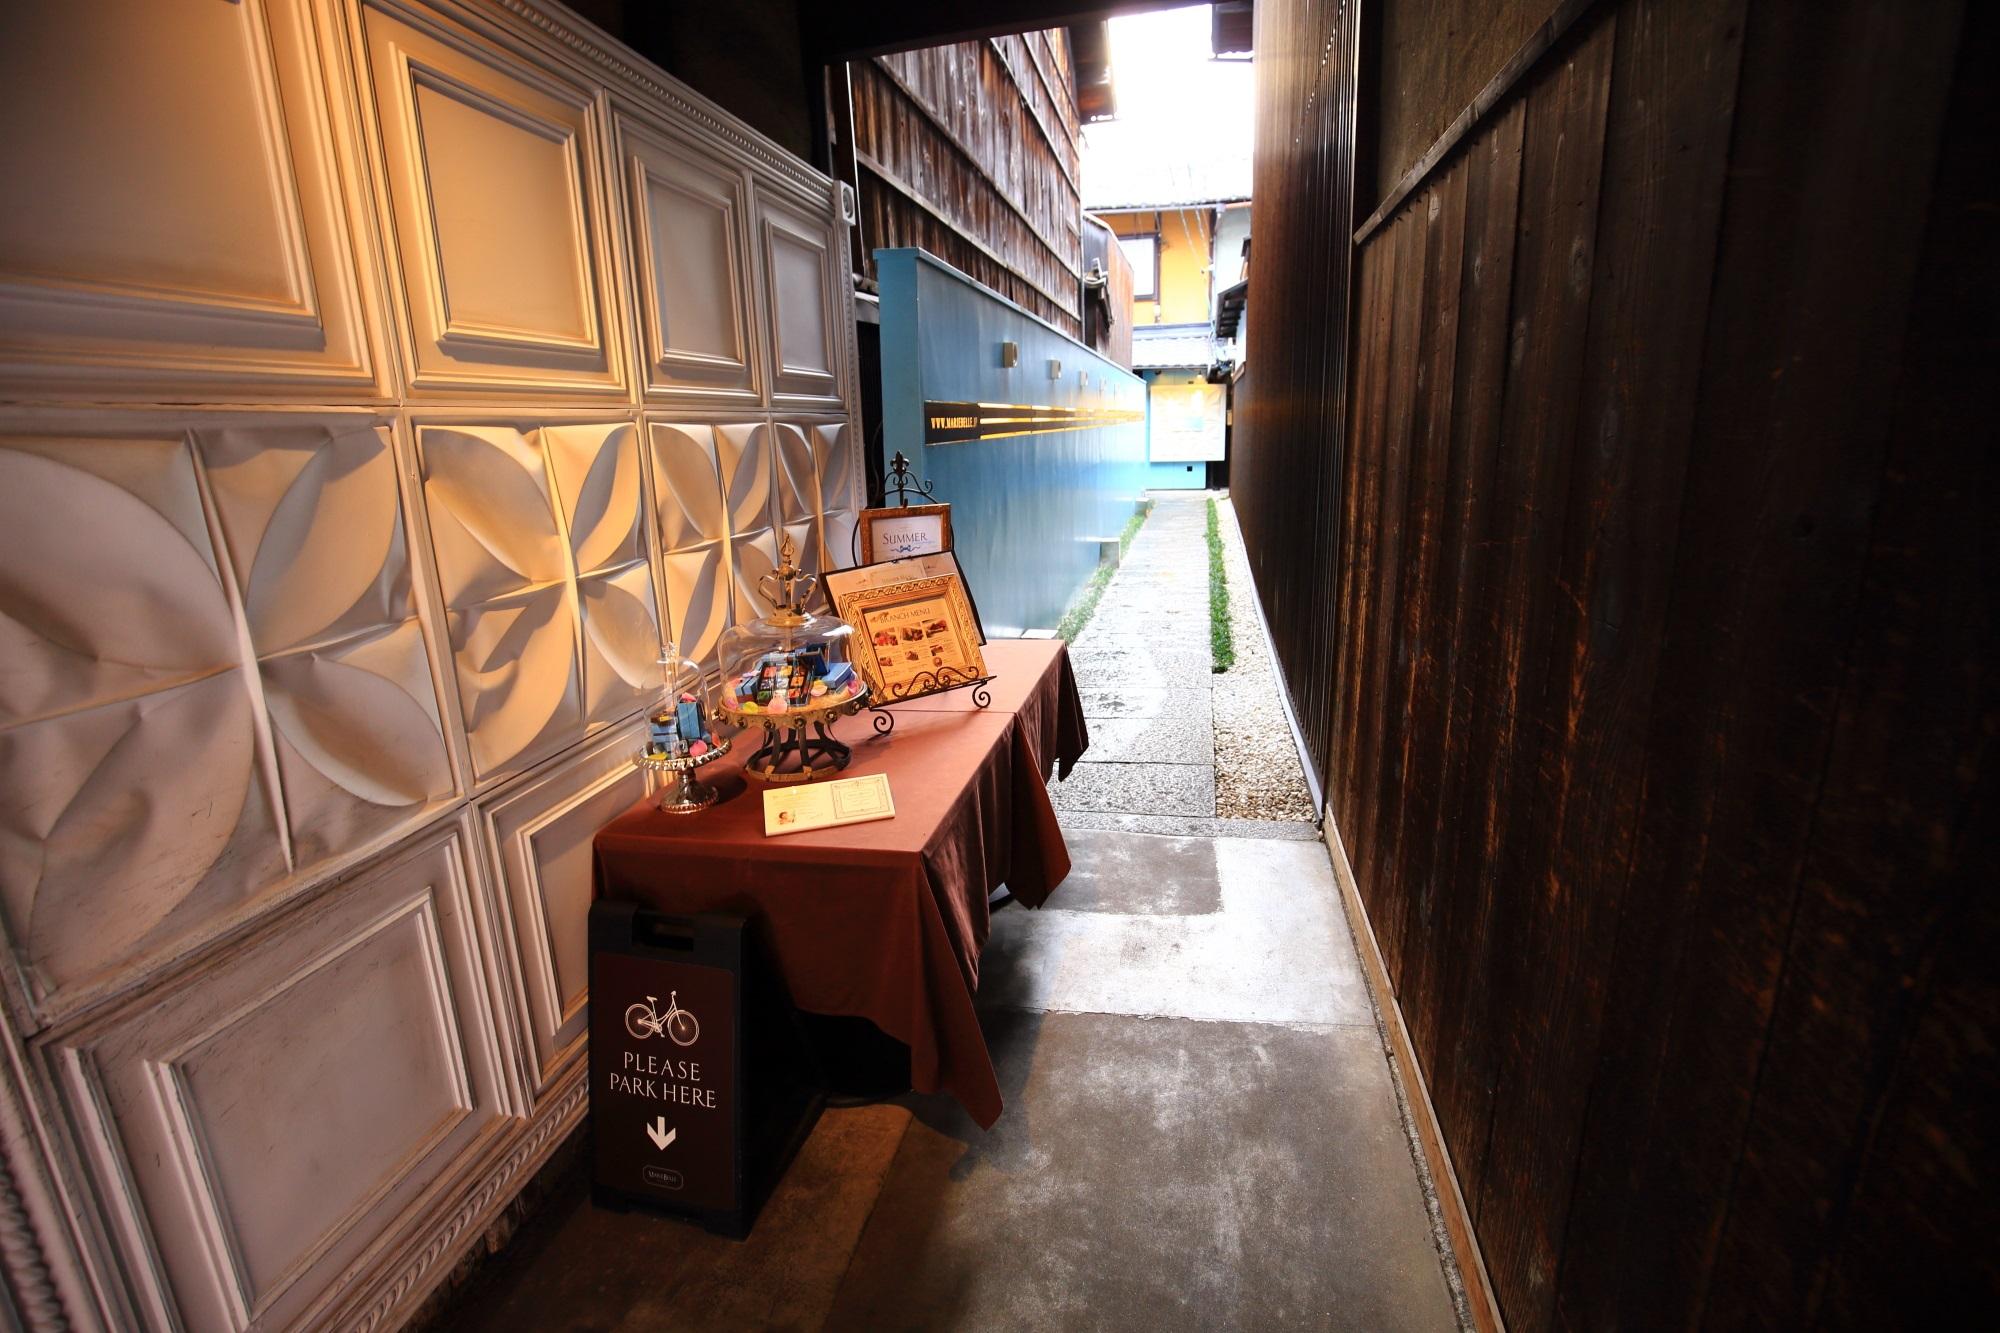 京都の街中とは思えない異空間